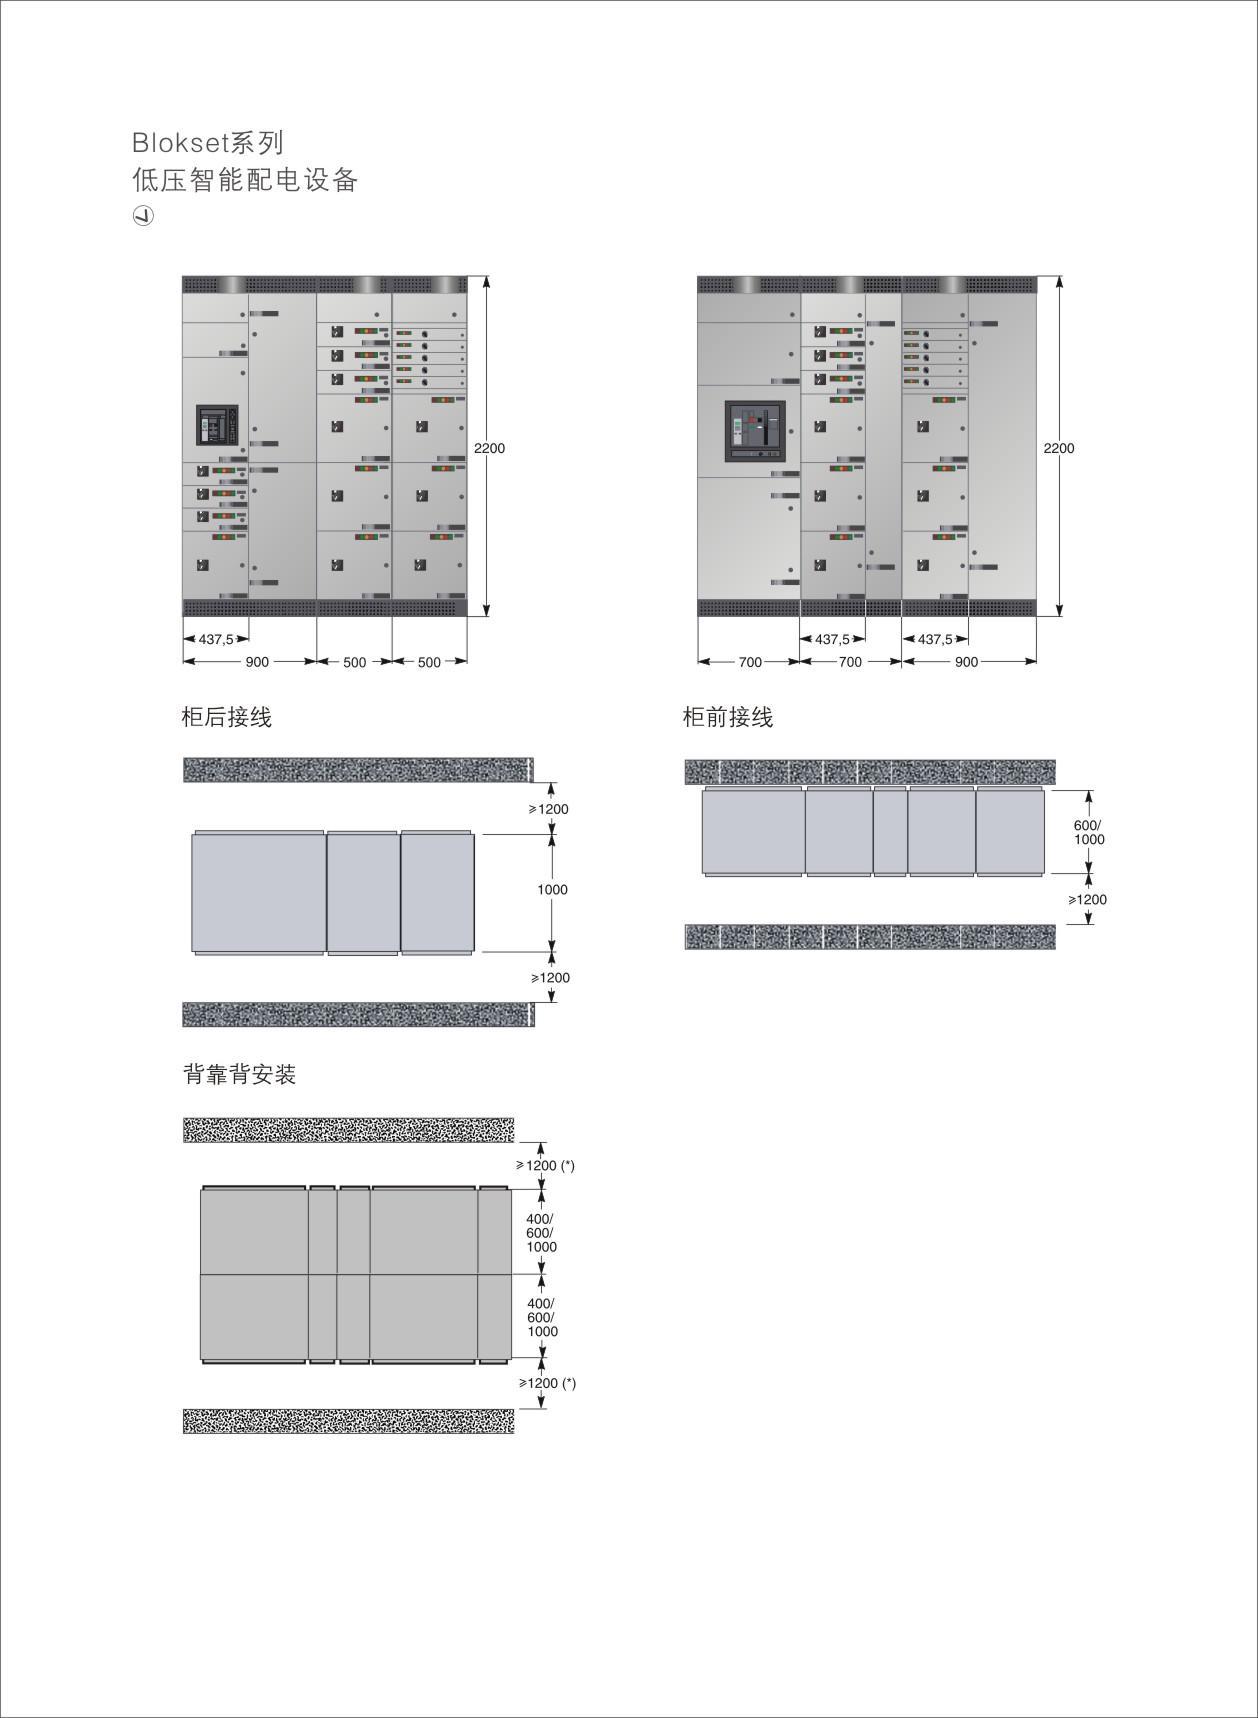 Blokset系列智能配電設備-03